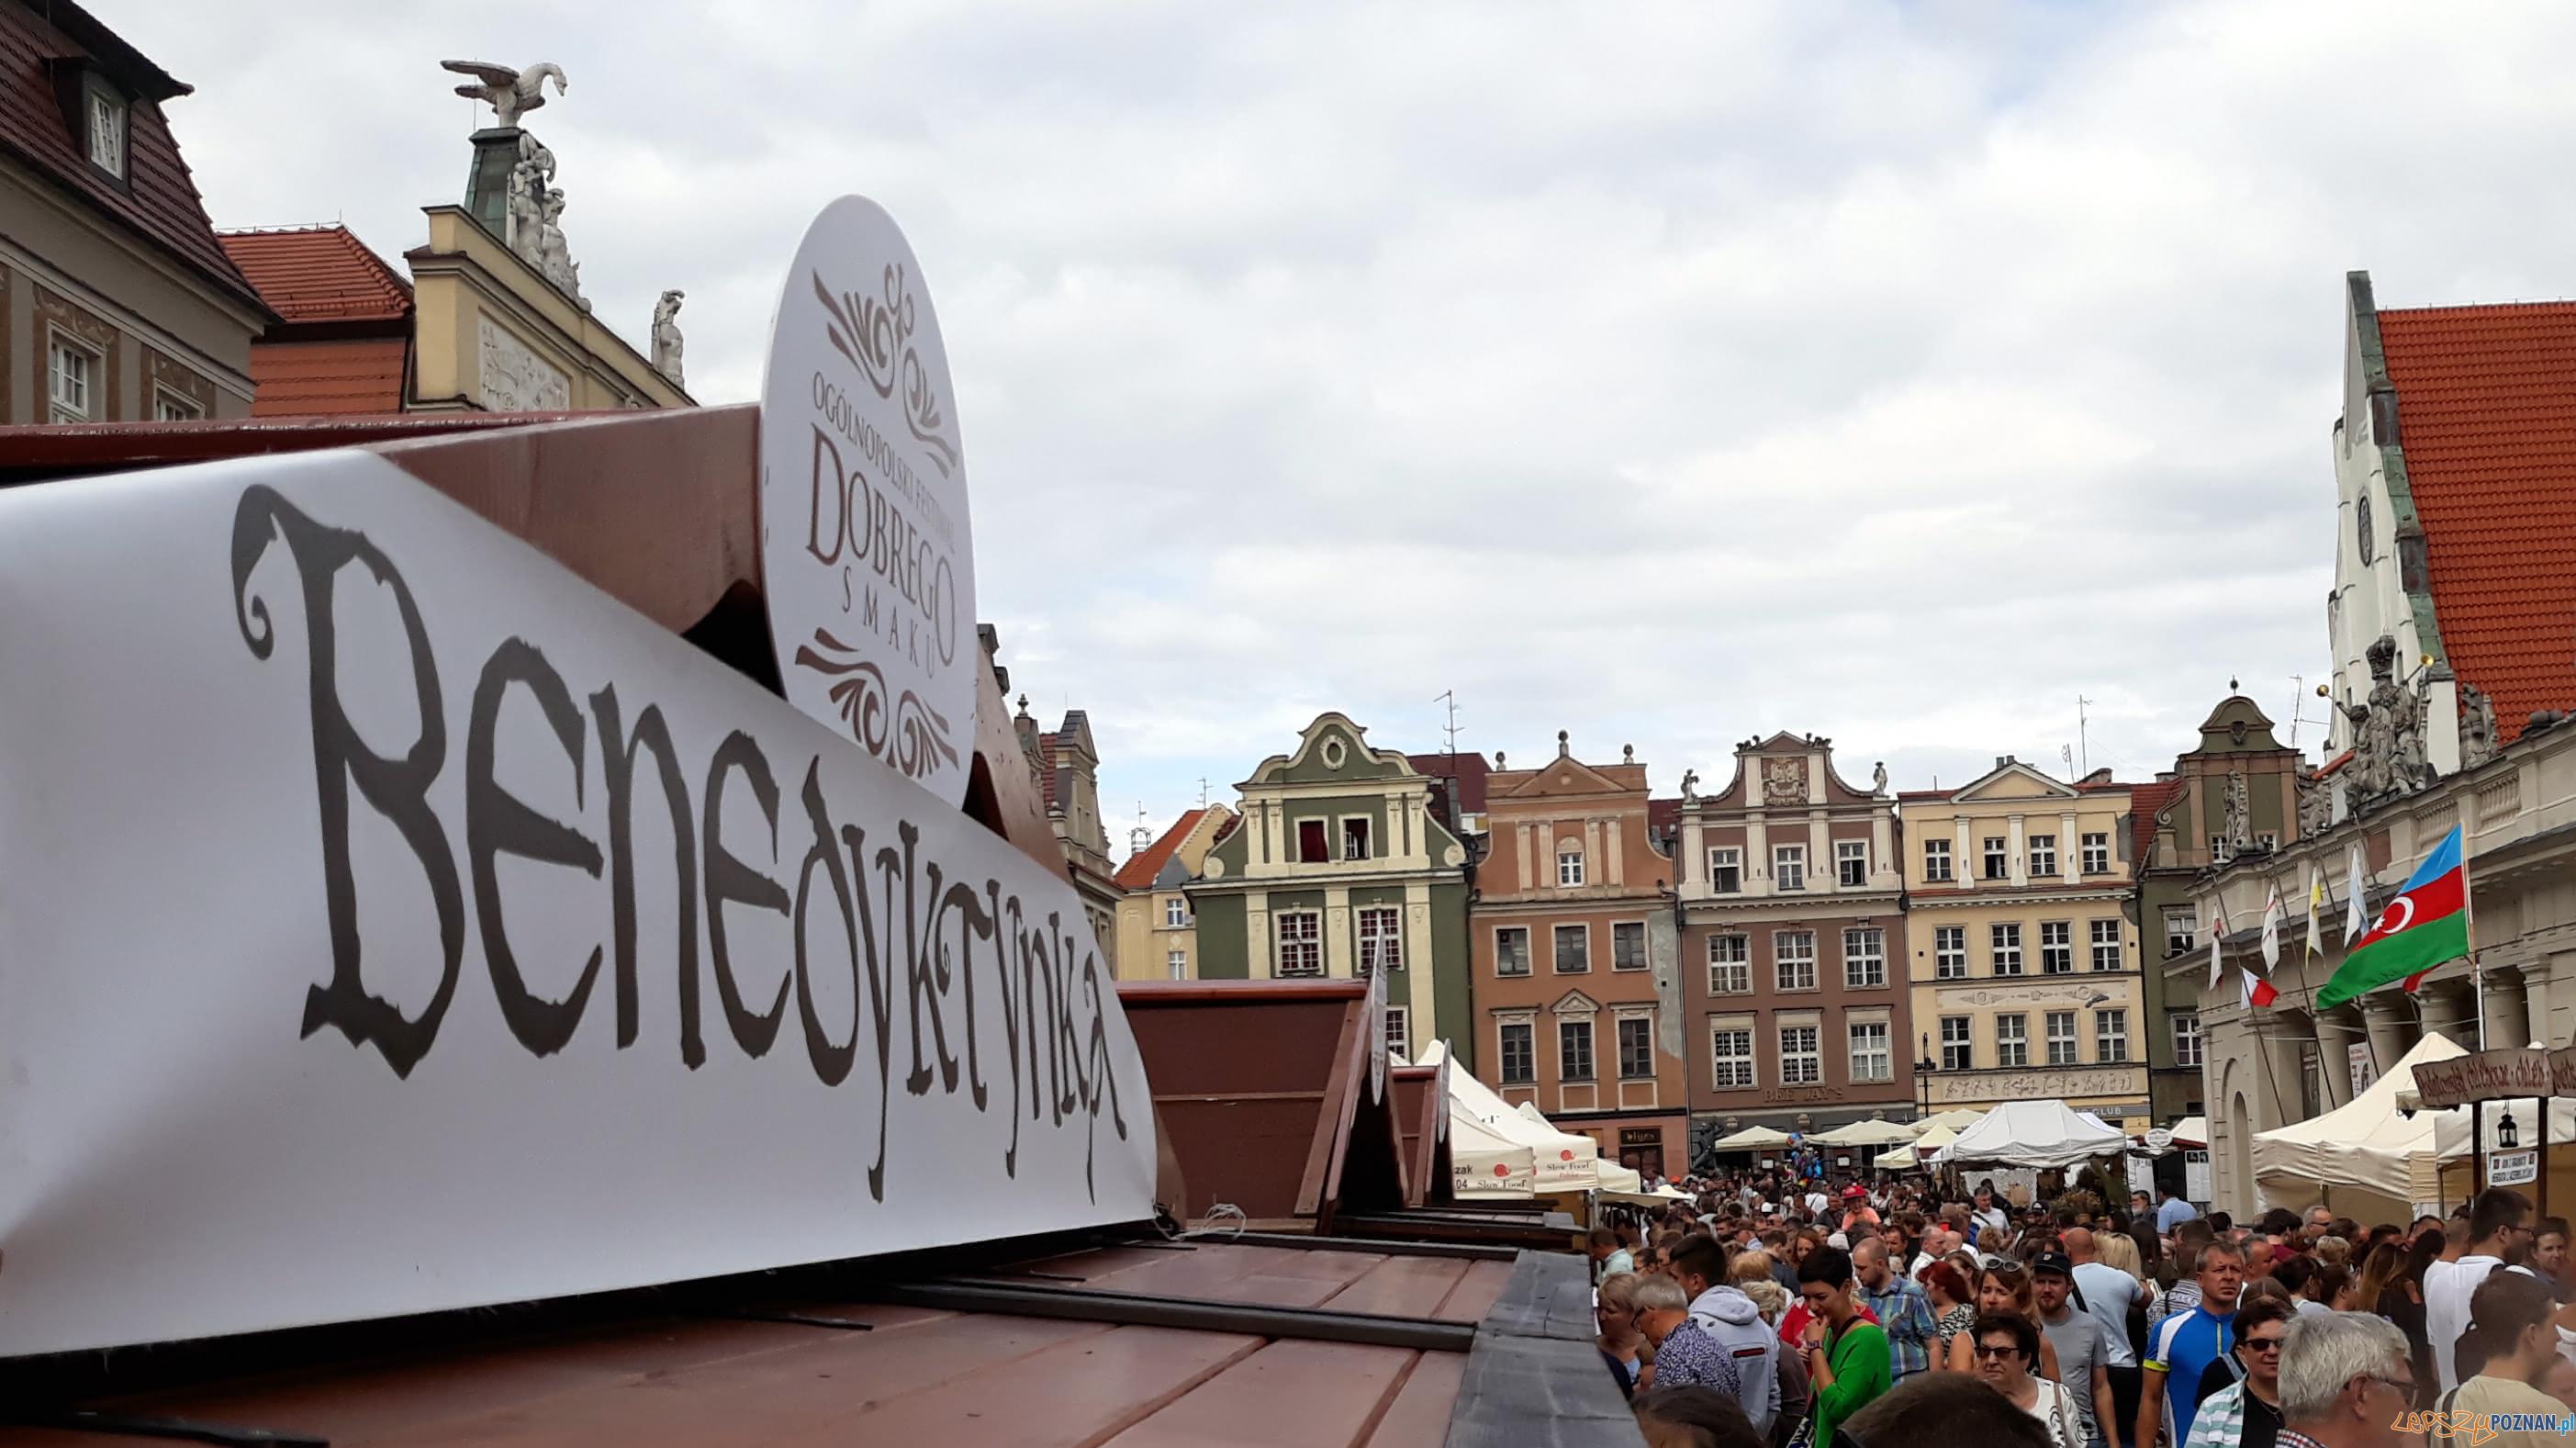 Ogólnopolski Festiwal Dobrego Smaku 2018  Foto: lepszyPOZNAN / tab